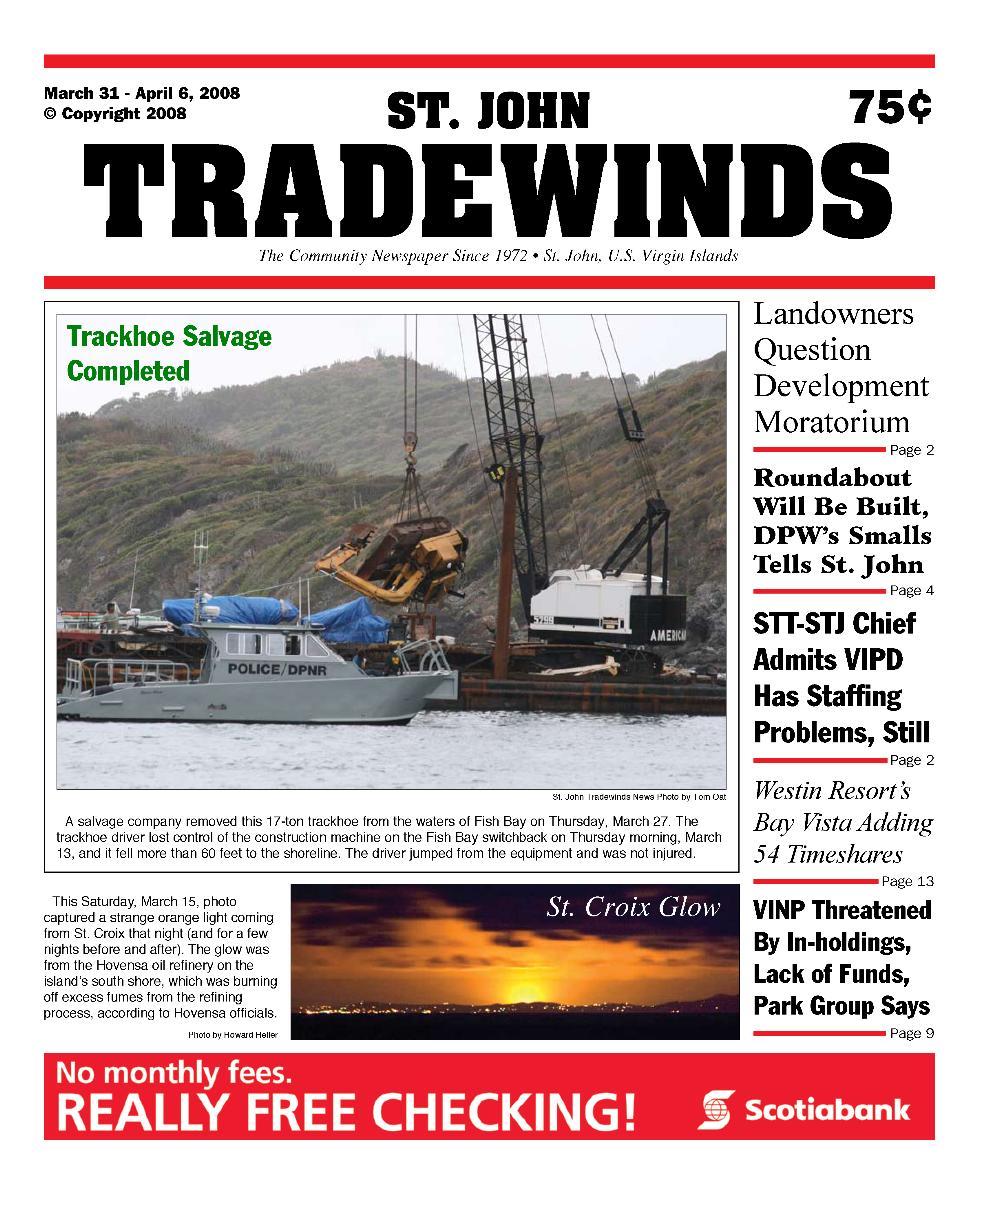 St. John tradewinds - page 1